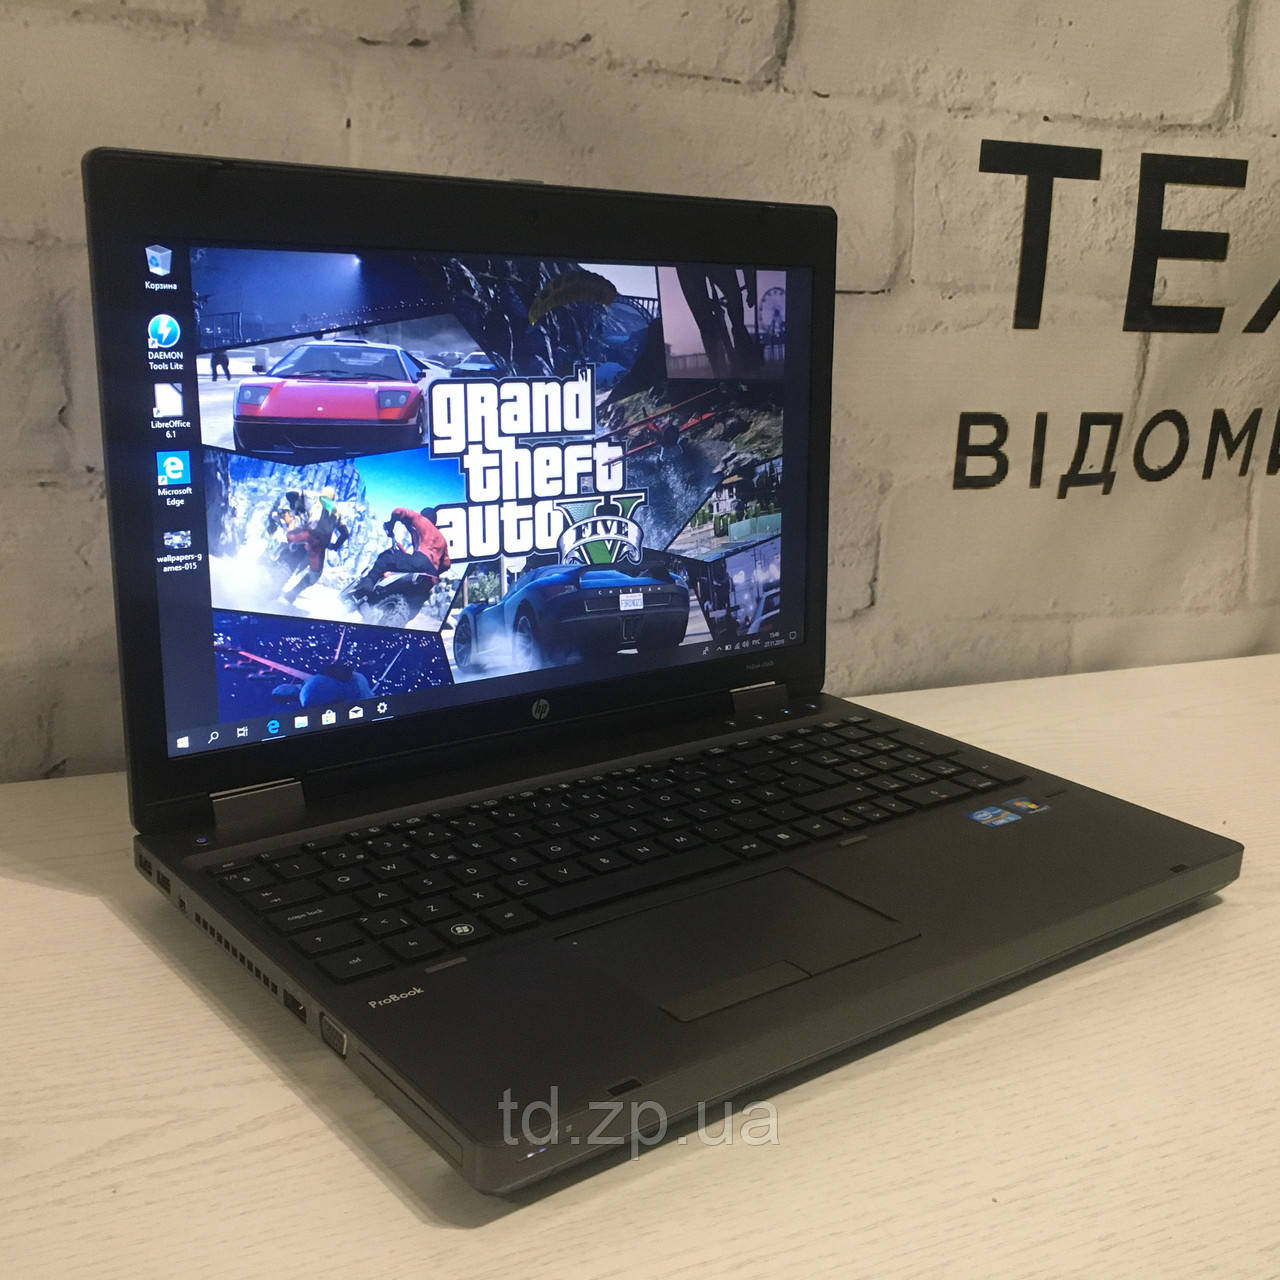 Ноутбук HP Probook 6560b 15,6''  Intel Core i3-2310m/ 4Gb  DDR3/ 500Gb HDD/ Intel HD Graphics 2000